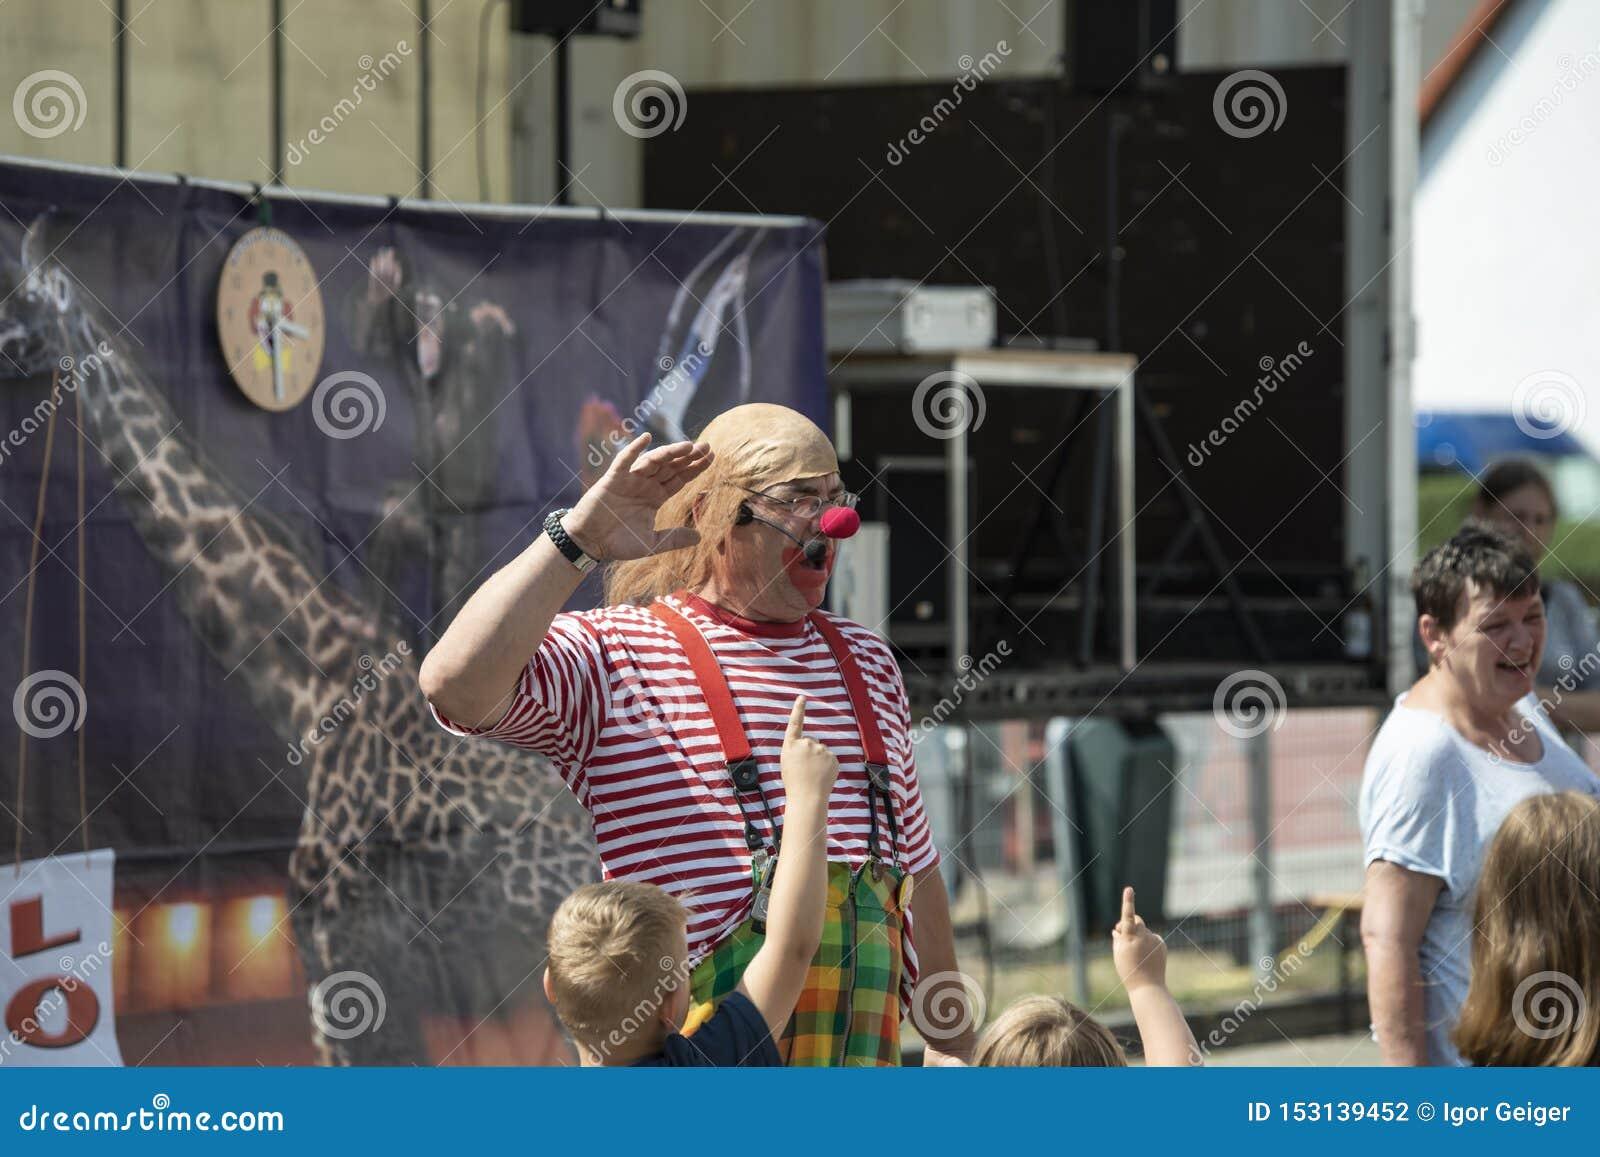 De clownanimator onderhoudt kinderen bij een brandfestival in de stad van Halle Saale, Duitsland, 2019